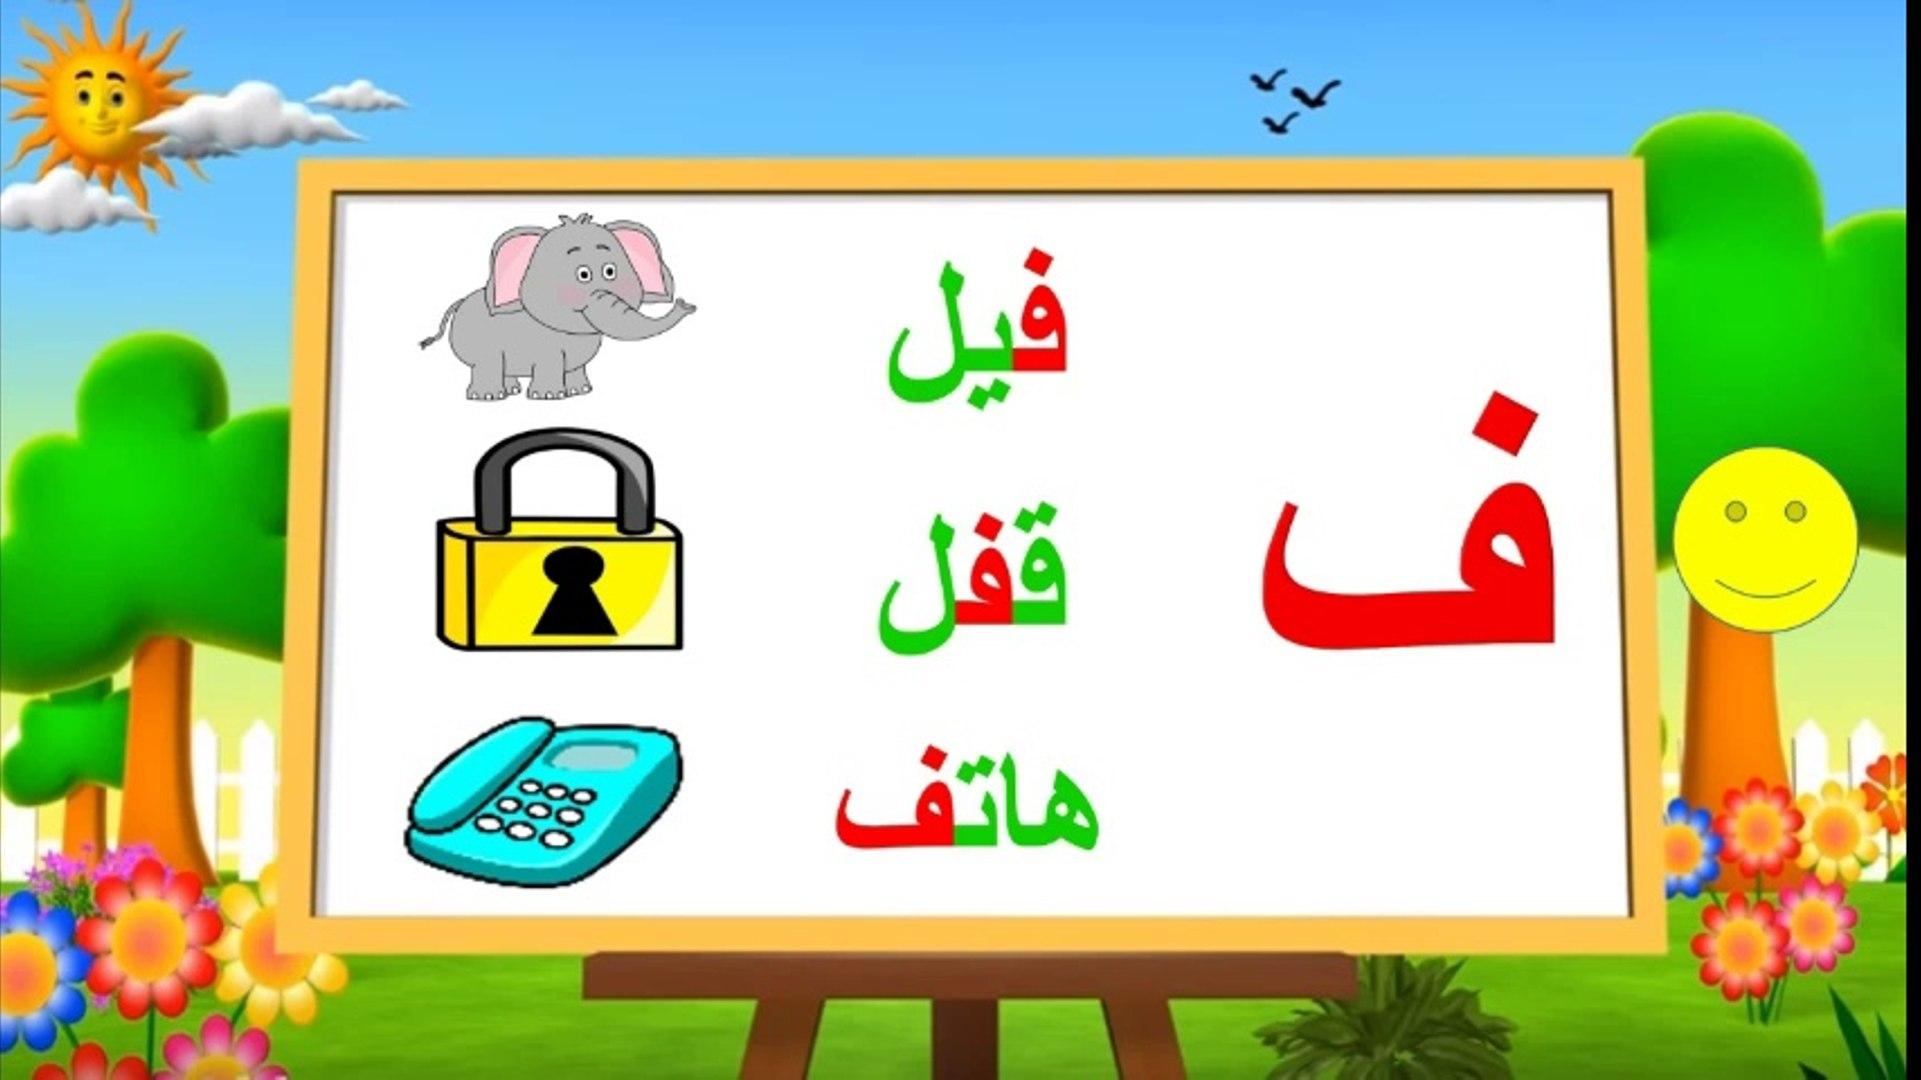 بالصور صور حرف ف , حروف من اللغه العربيه 4744 6